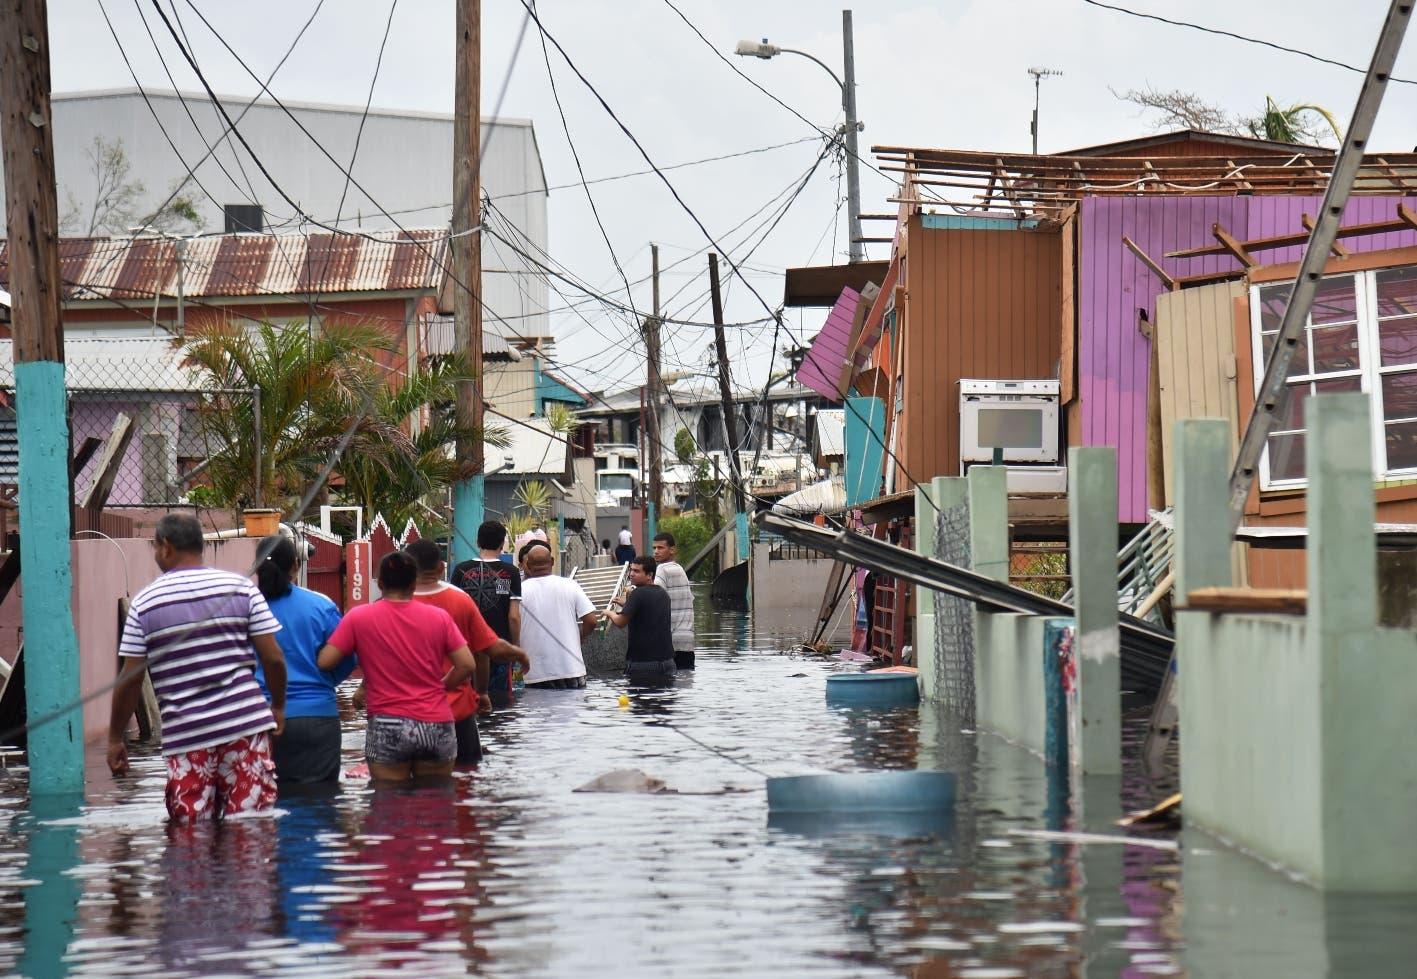 Tormenta Gonzalo: ¿Cómo prepararse para un huracán en medio de pandemia?